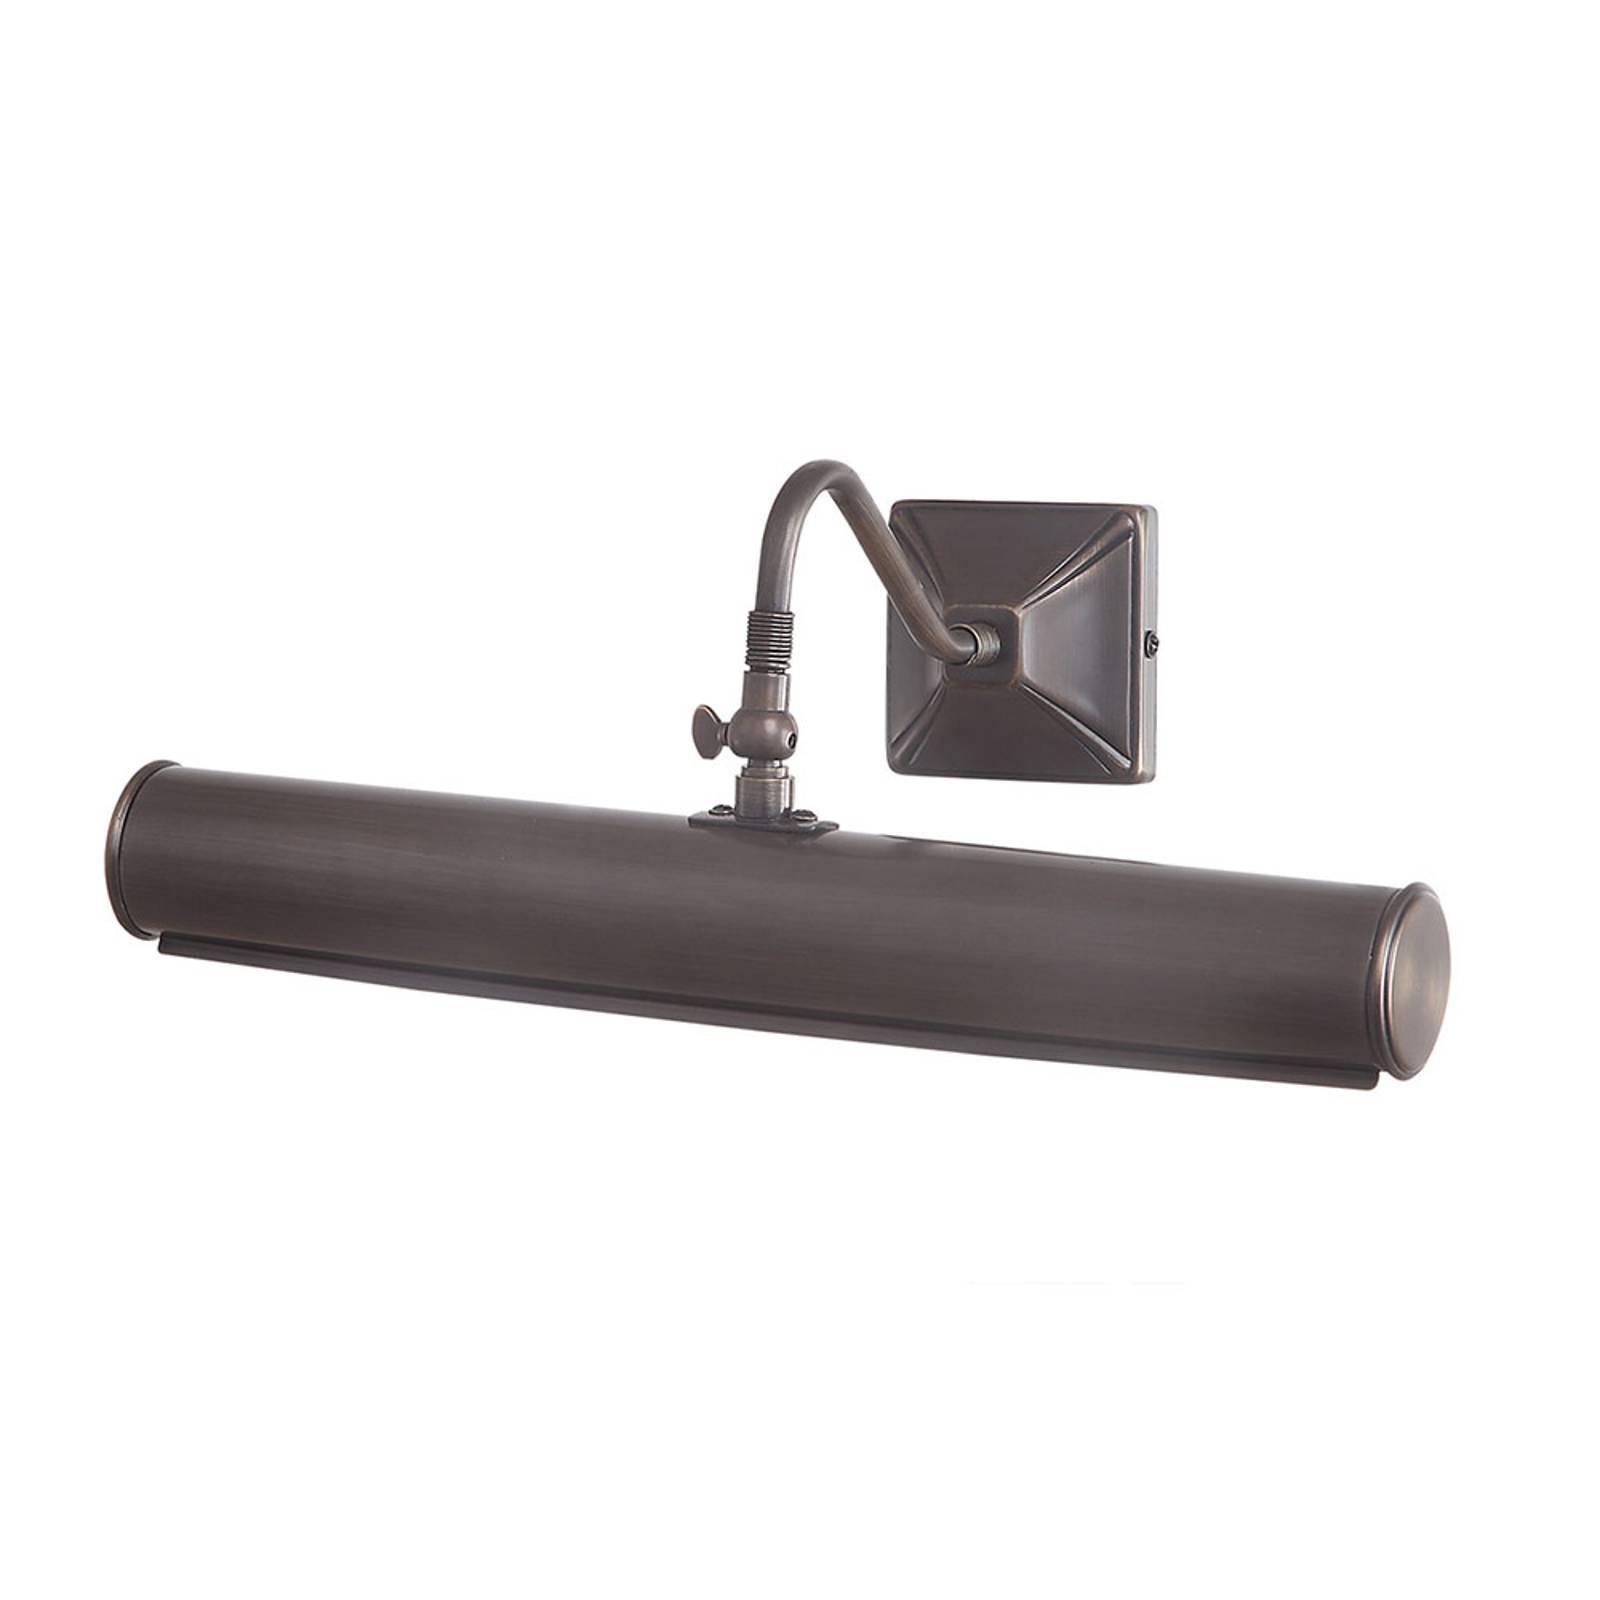 Tauluvalaisin Picture Lights tumma pronssi, 36 cm